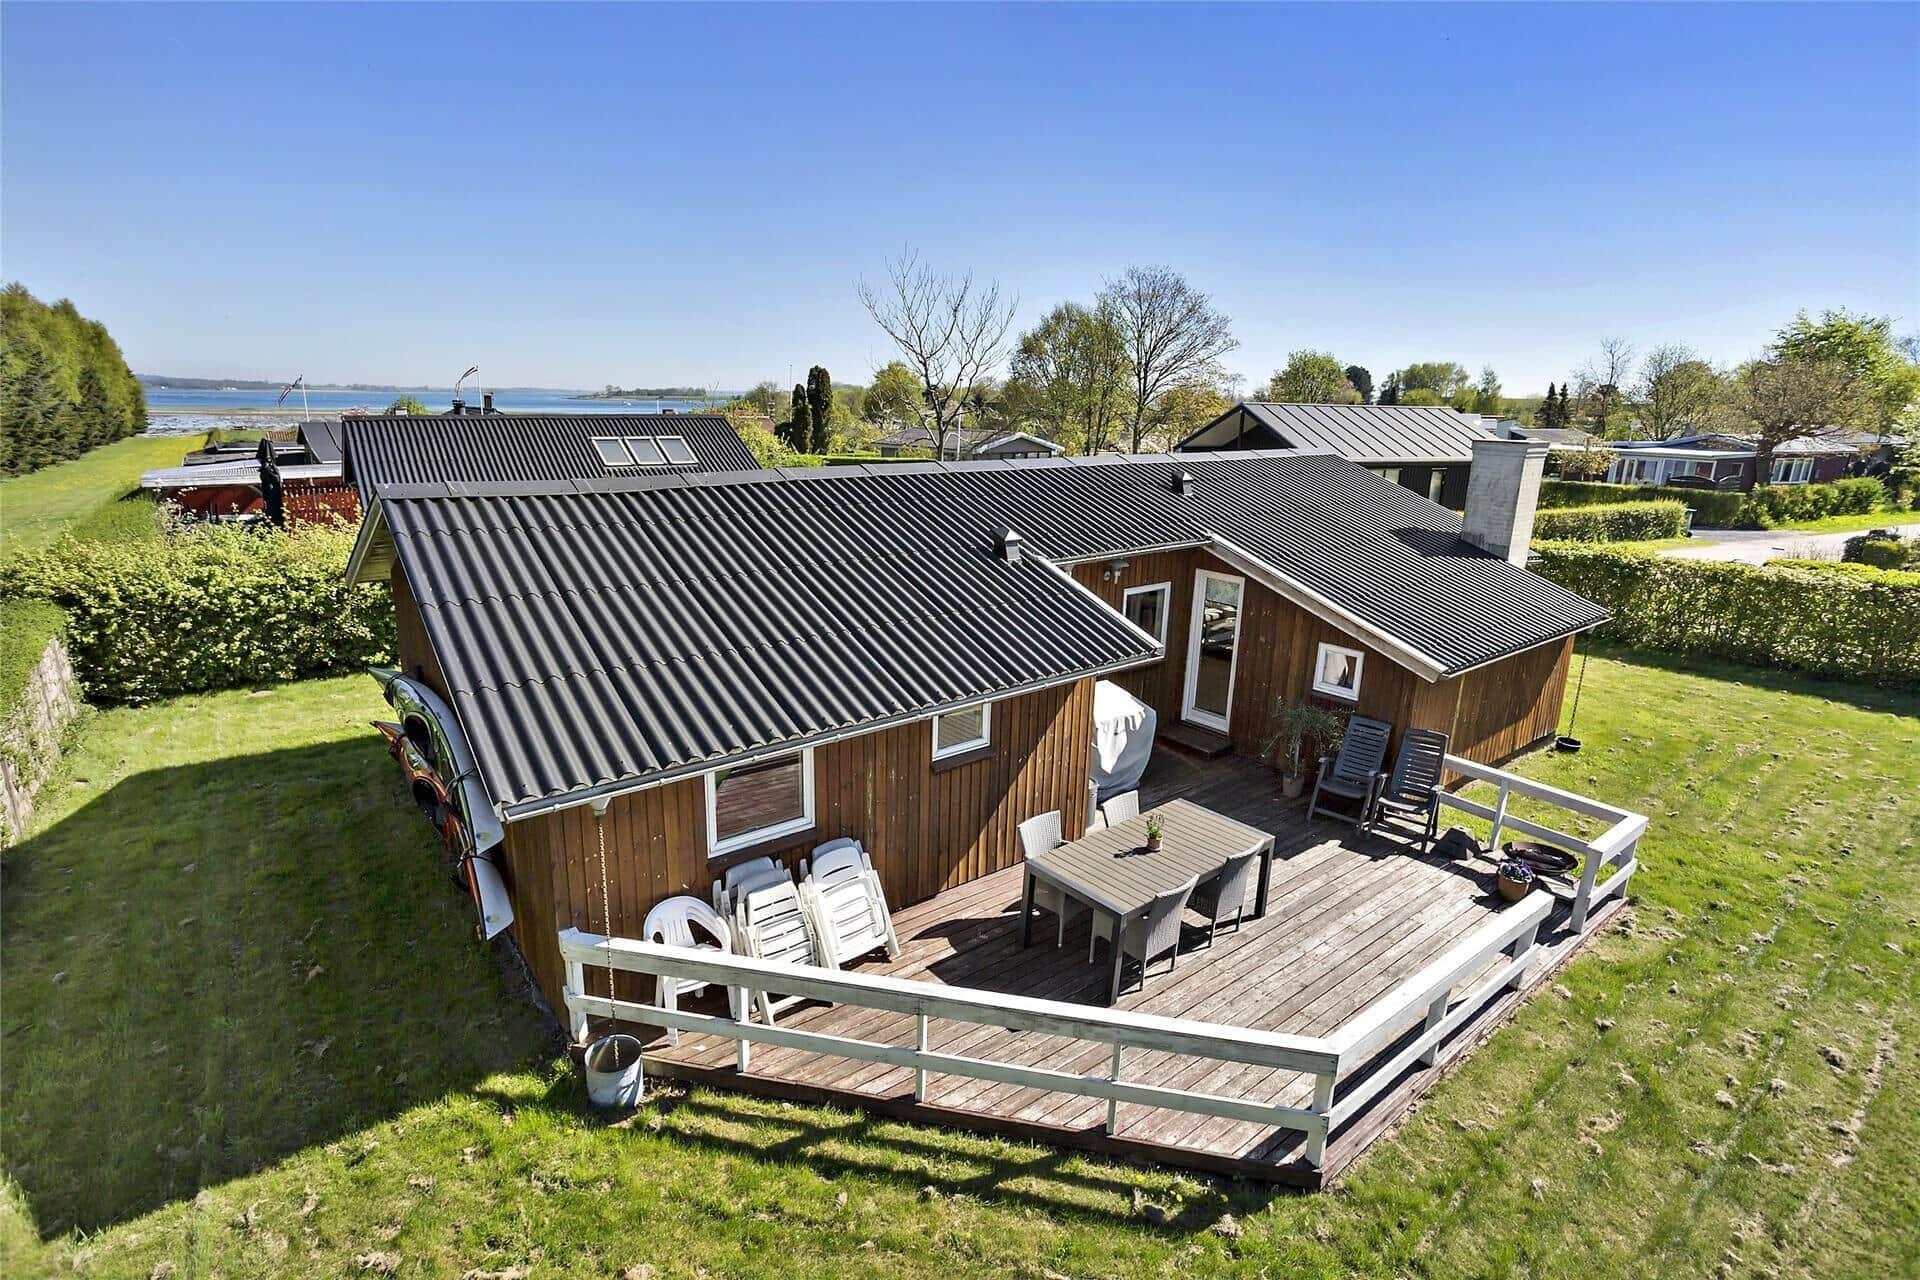 Image 1-19 Holiday-home 40605, Pilevænget 57, DK - 7130 Juelsminde